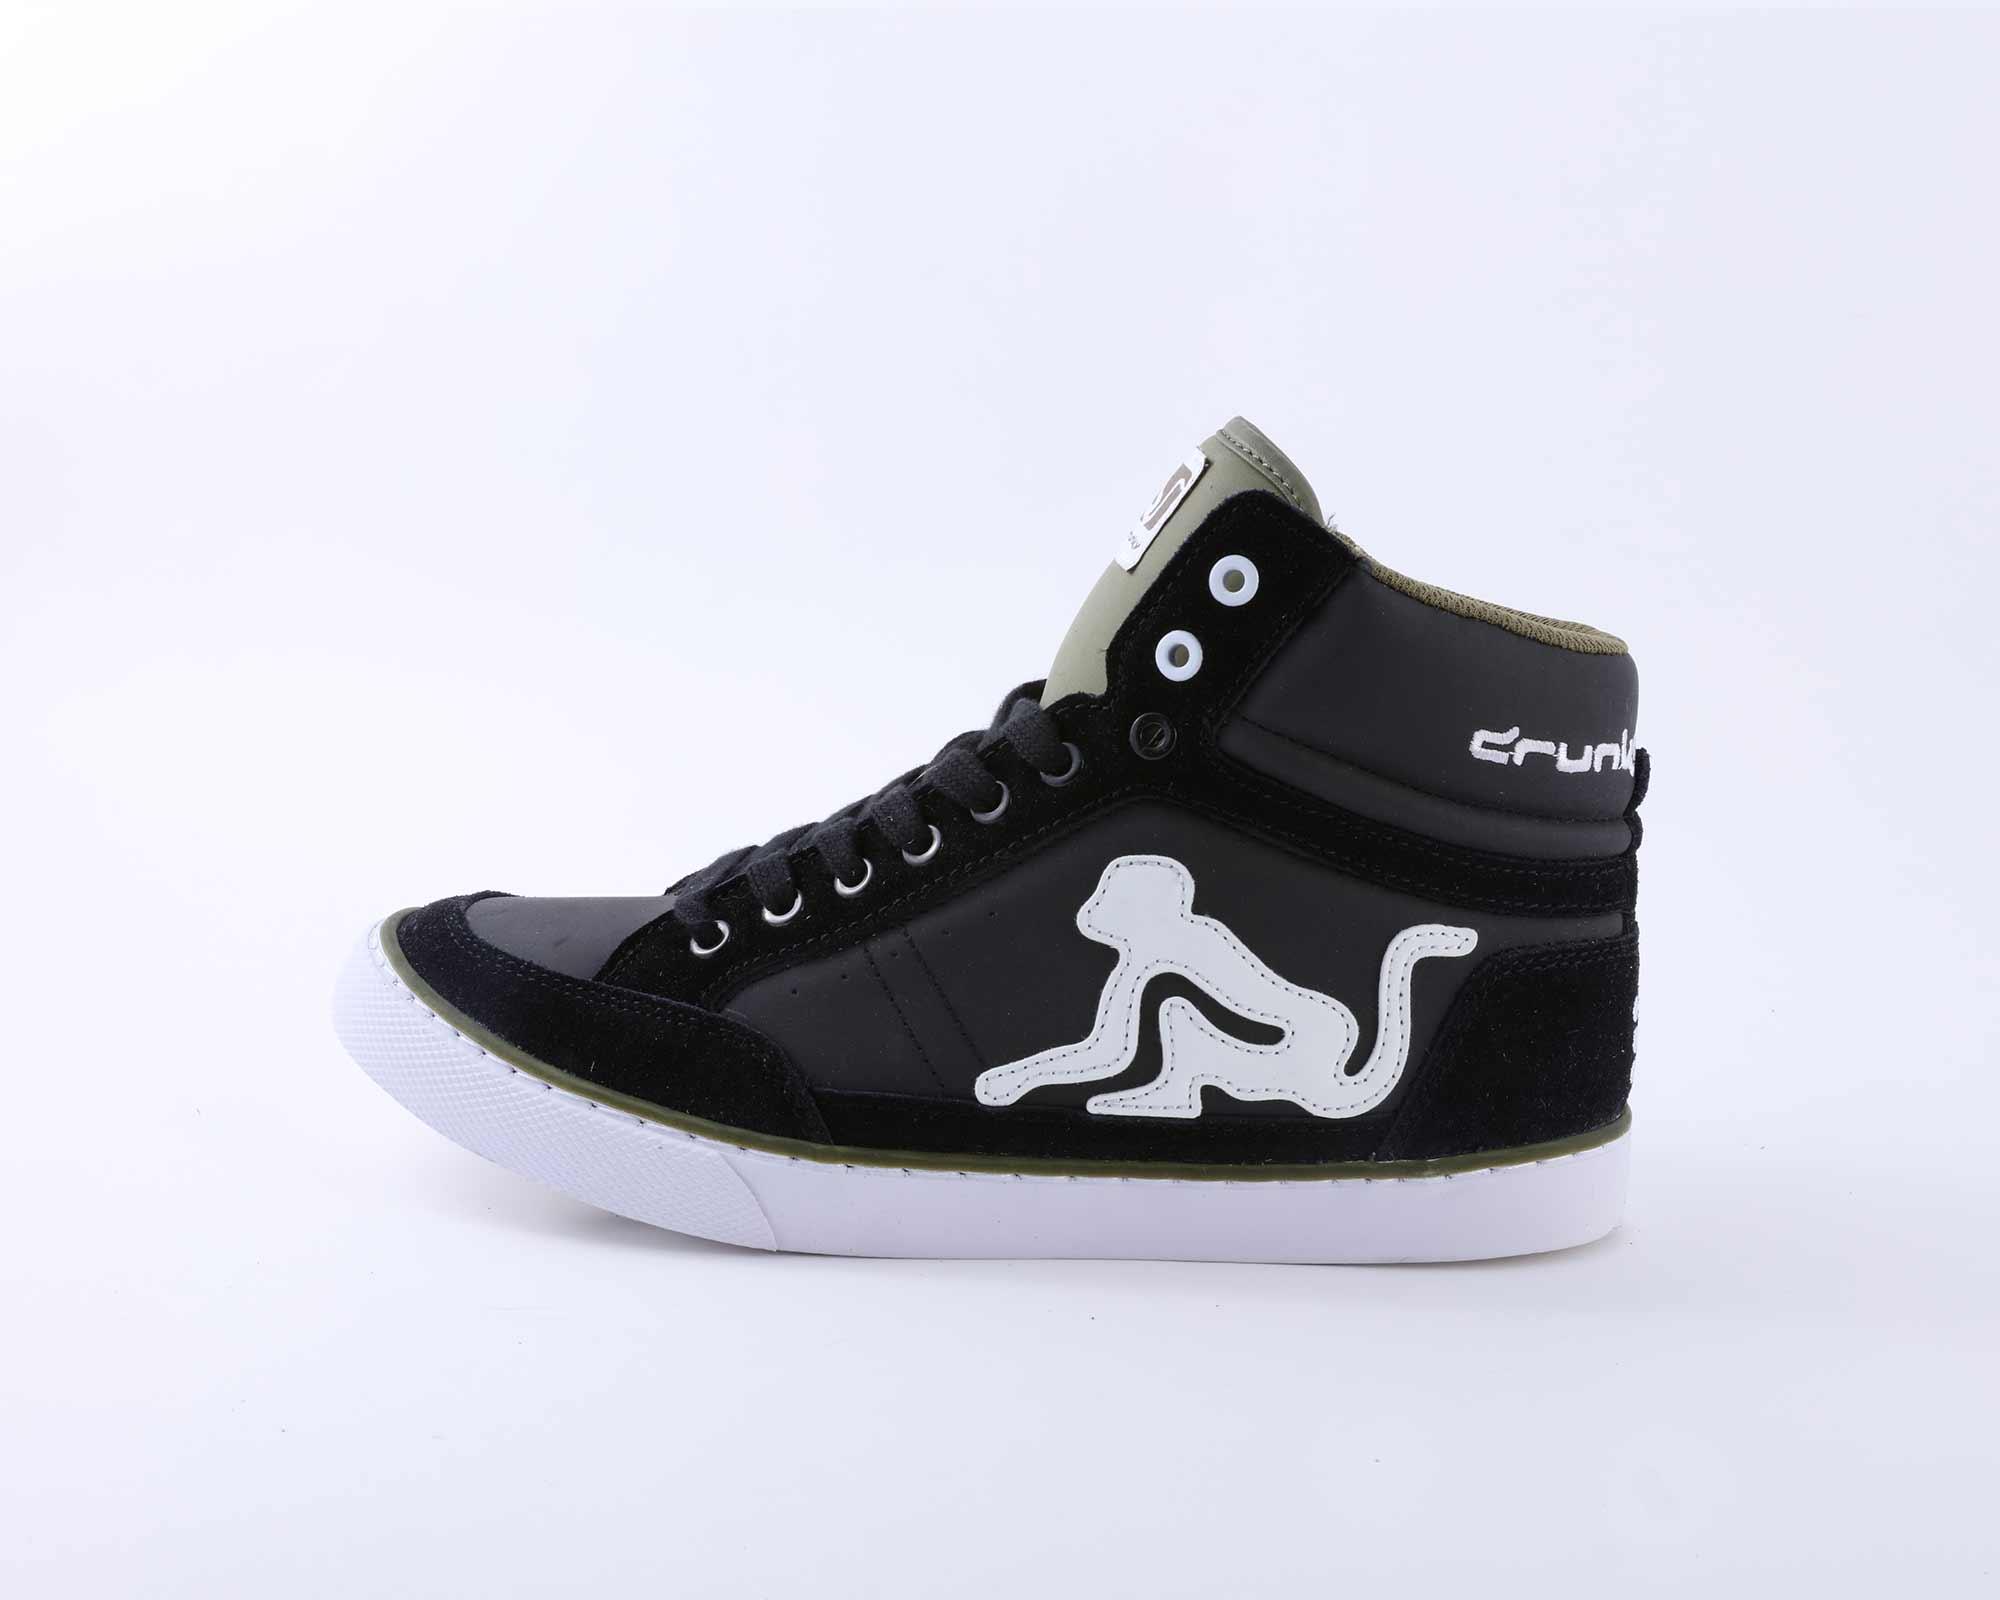 best sneakers 4caac 946ca drunknmunky-boston-classic-nuova-collezione-black-friday-offerte-legnano-gallarate-mantova-lecco-bologna-roma.jpg